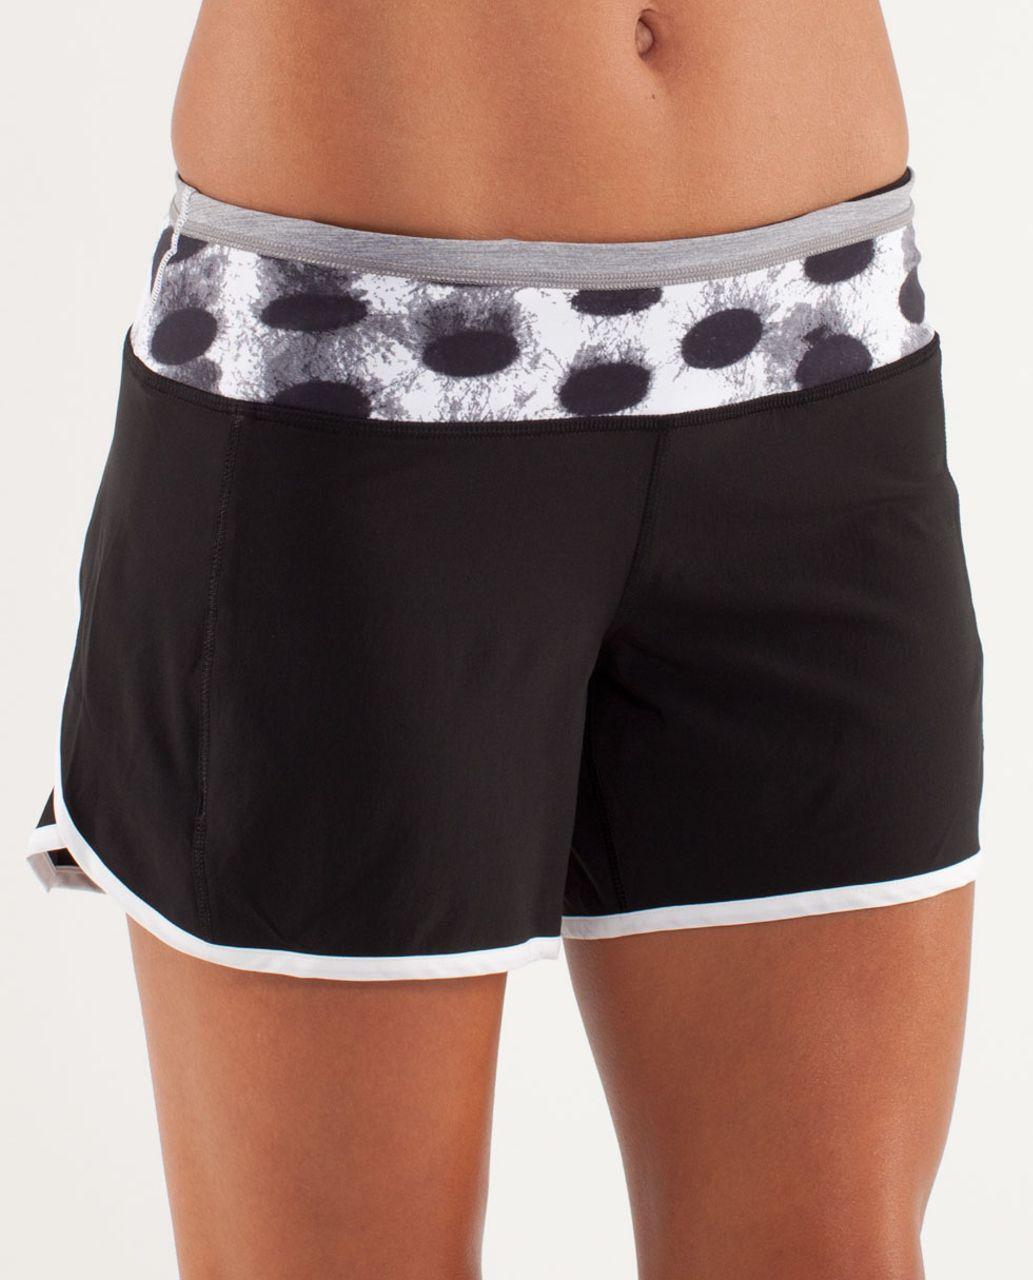 Lululemon Turbo Run Short - Black / White / Seaside Dot White / Black